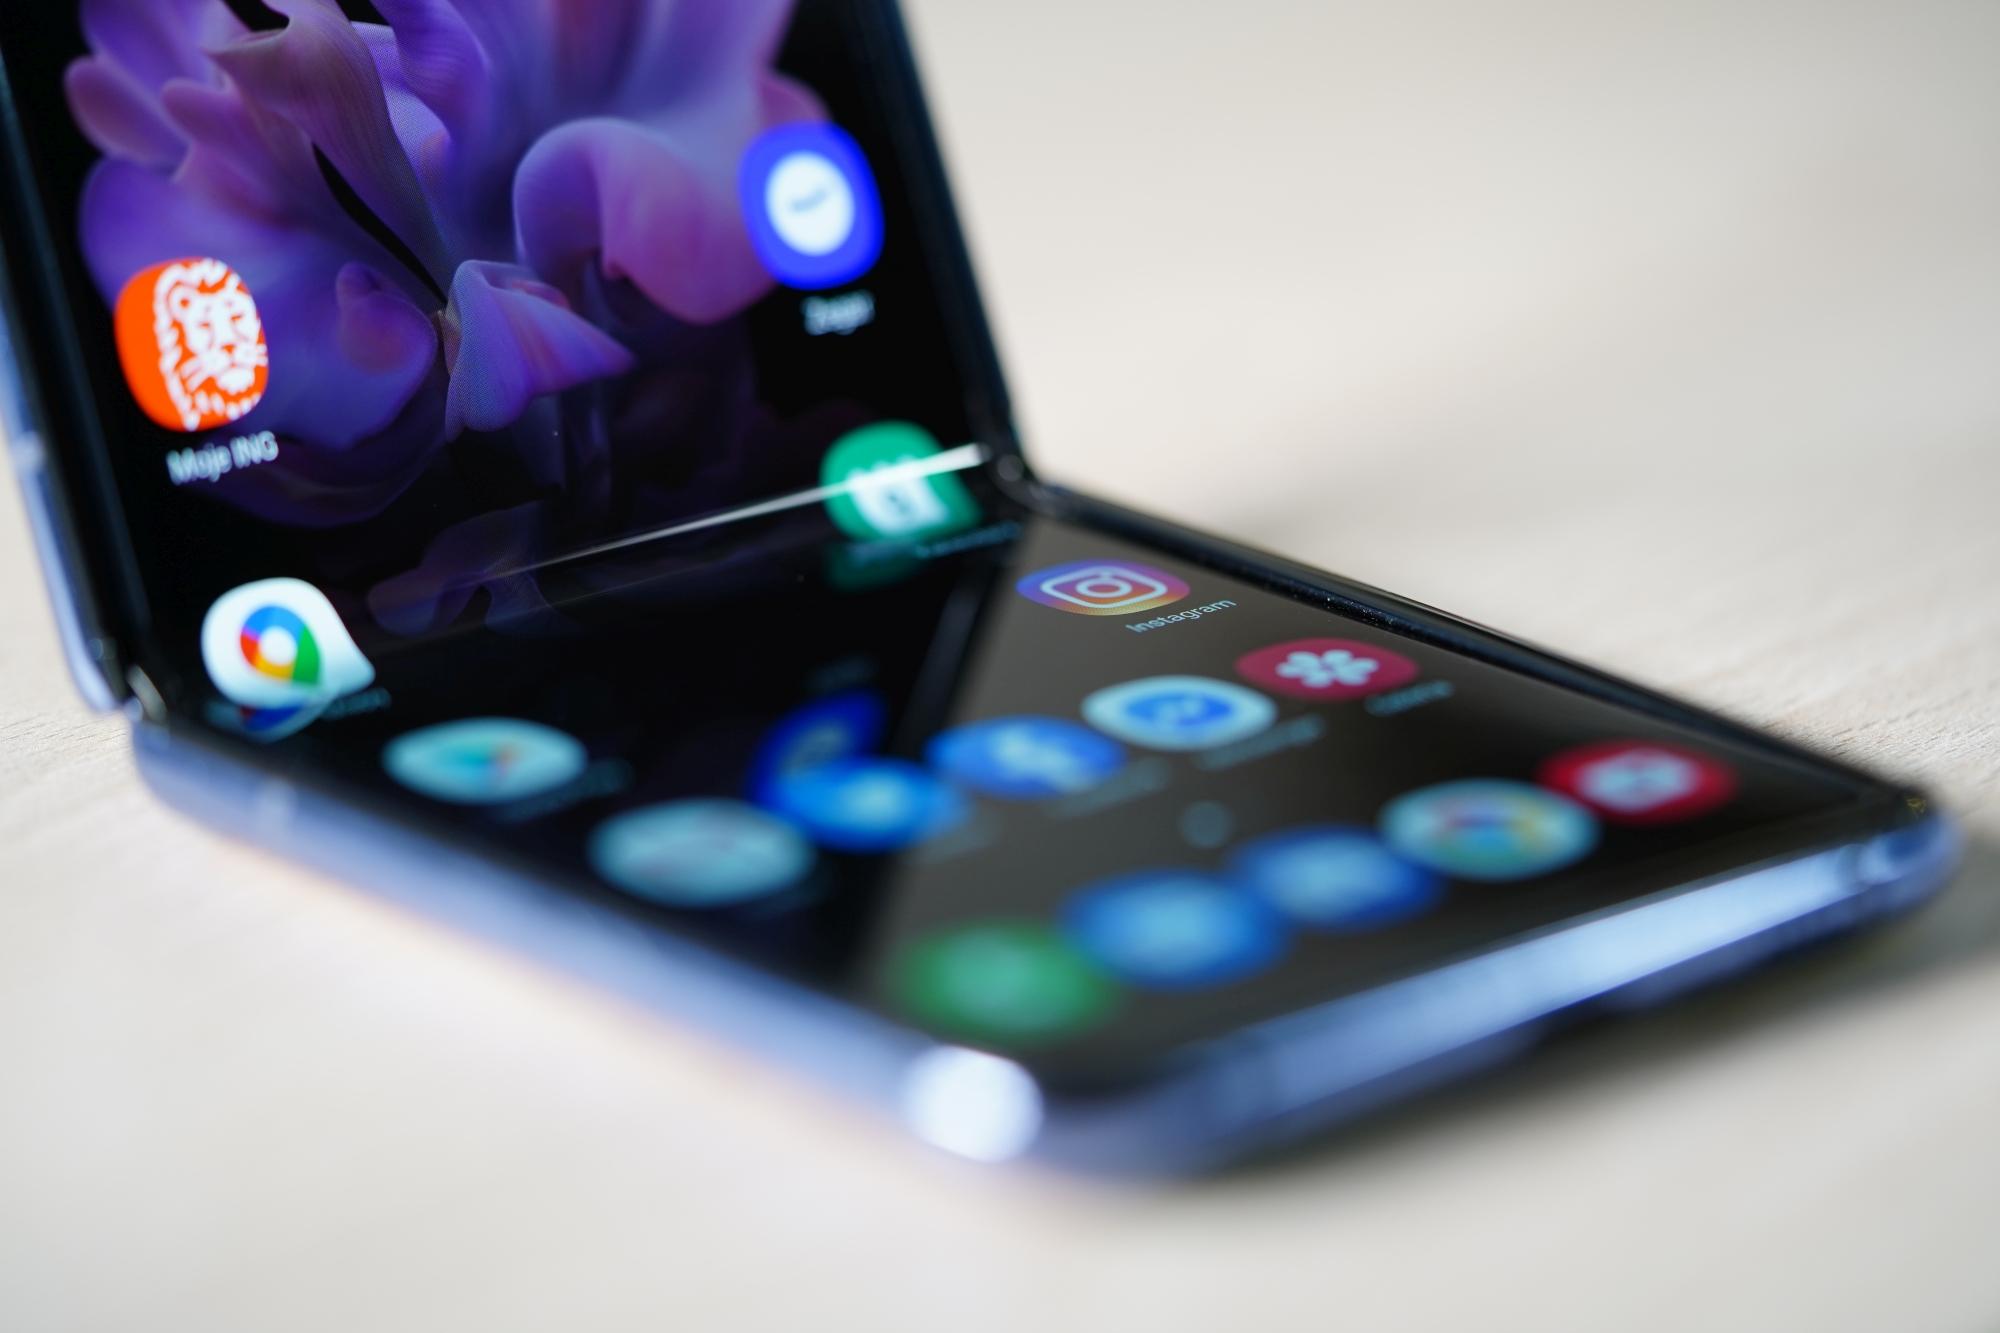 Samsung produkuje już Galaxy Z Fold 3 i Galaxy Z Flip 3. I to w jakich ilościach!